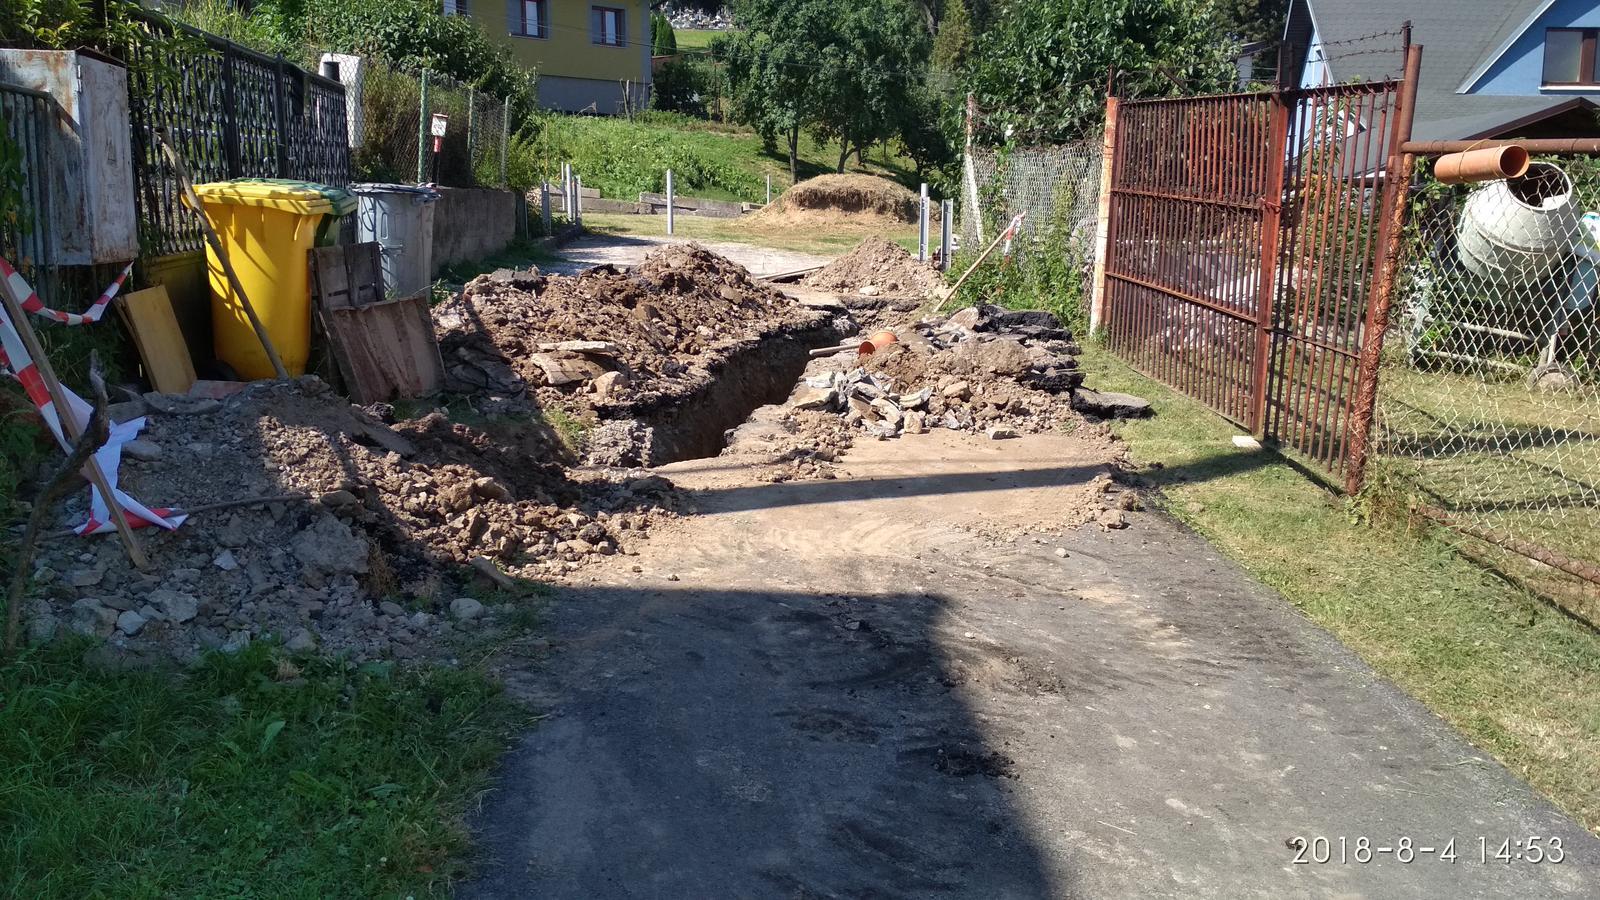 """RD Ličartovce rekonštrukcia - Výkop pre uloženie nového kanalizačného potrubia, pod cestou bola stará """"300"""" ka betonová ,žiaľ pri pokládke plynovodu a vodovodu dávno pred nami potrubie poškodili a zasypali, potrebovali sme odviesť daždovú a drenážnu vodu preč"""